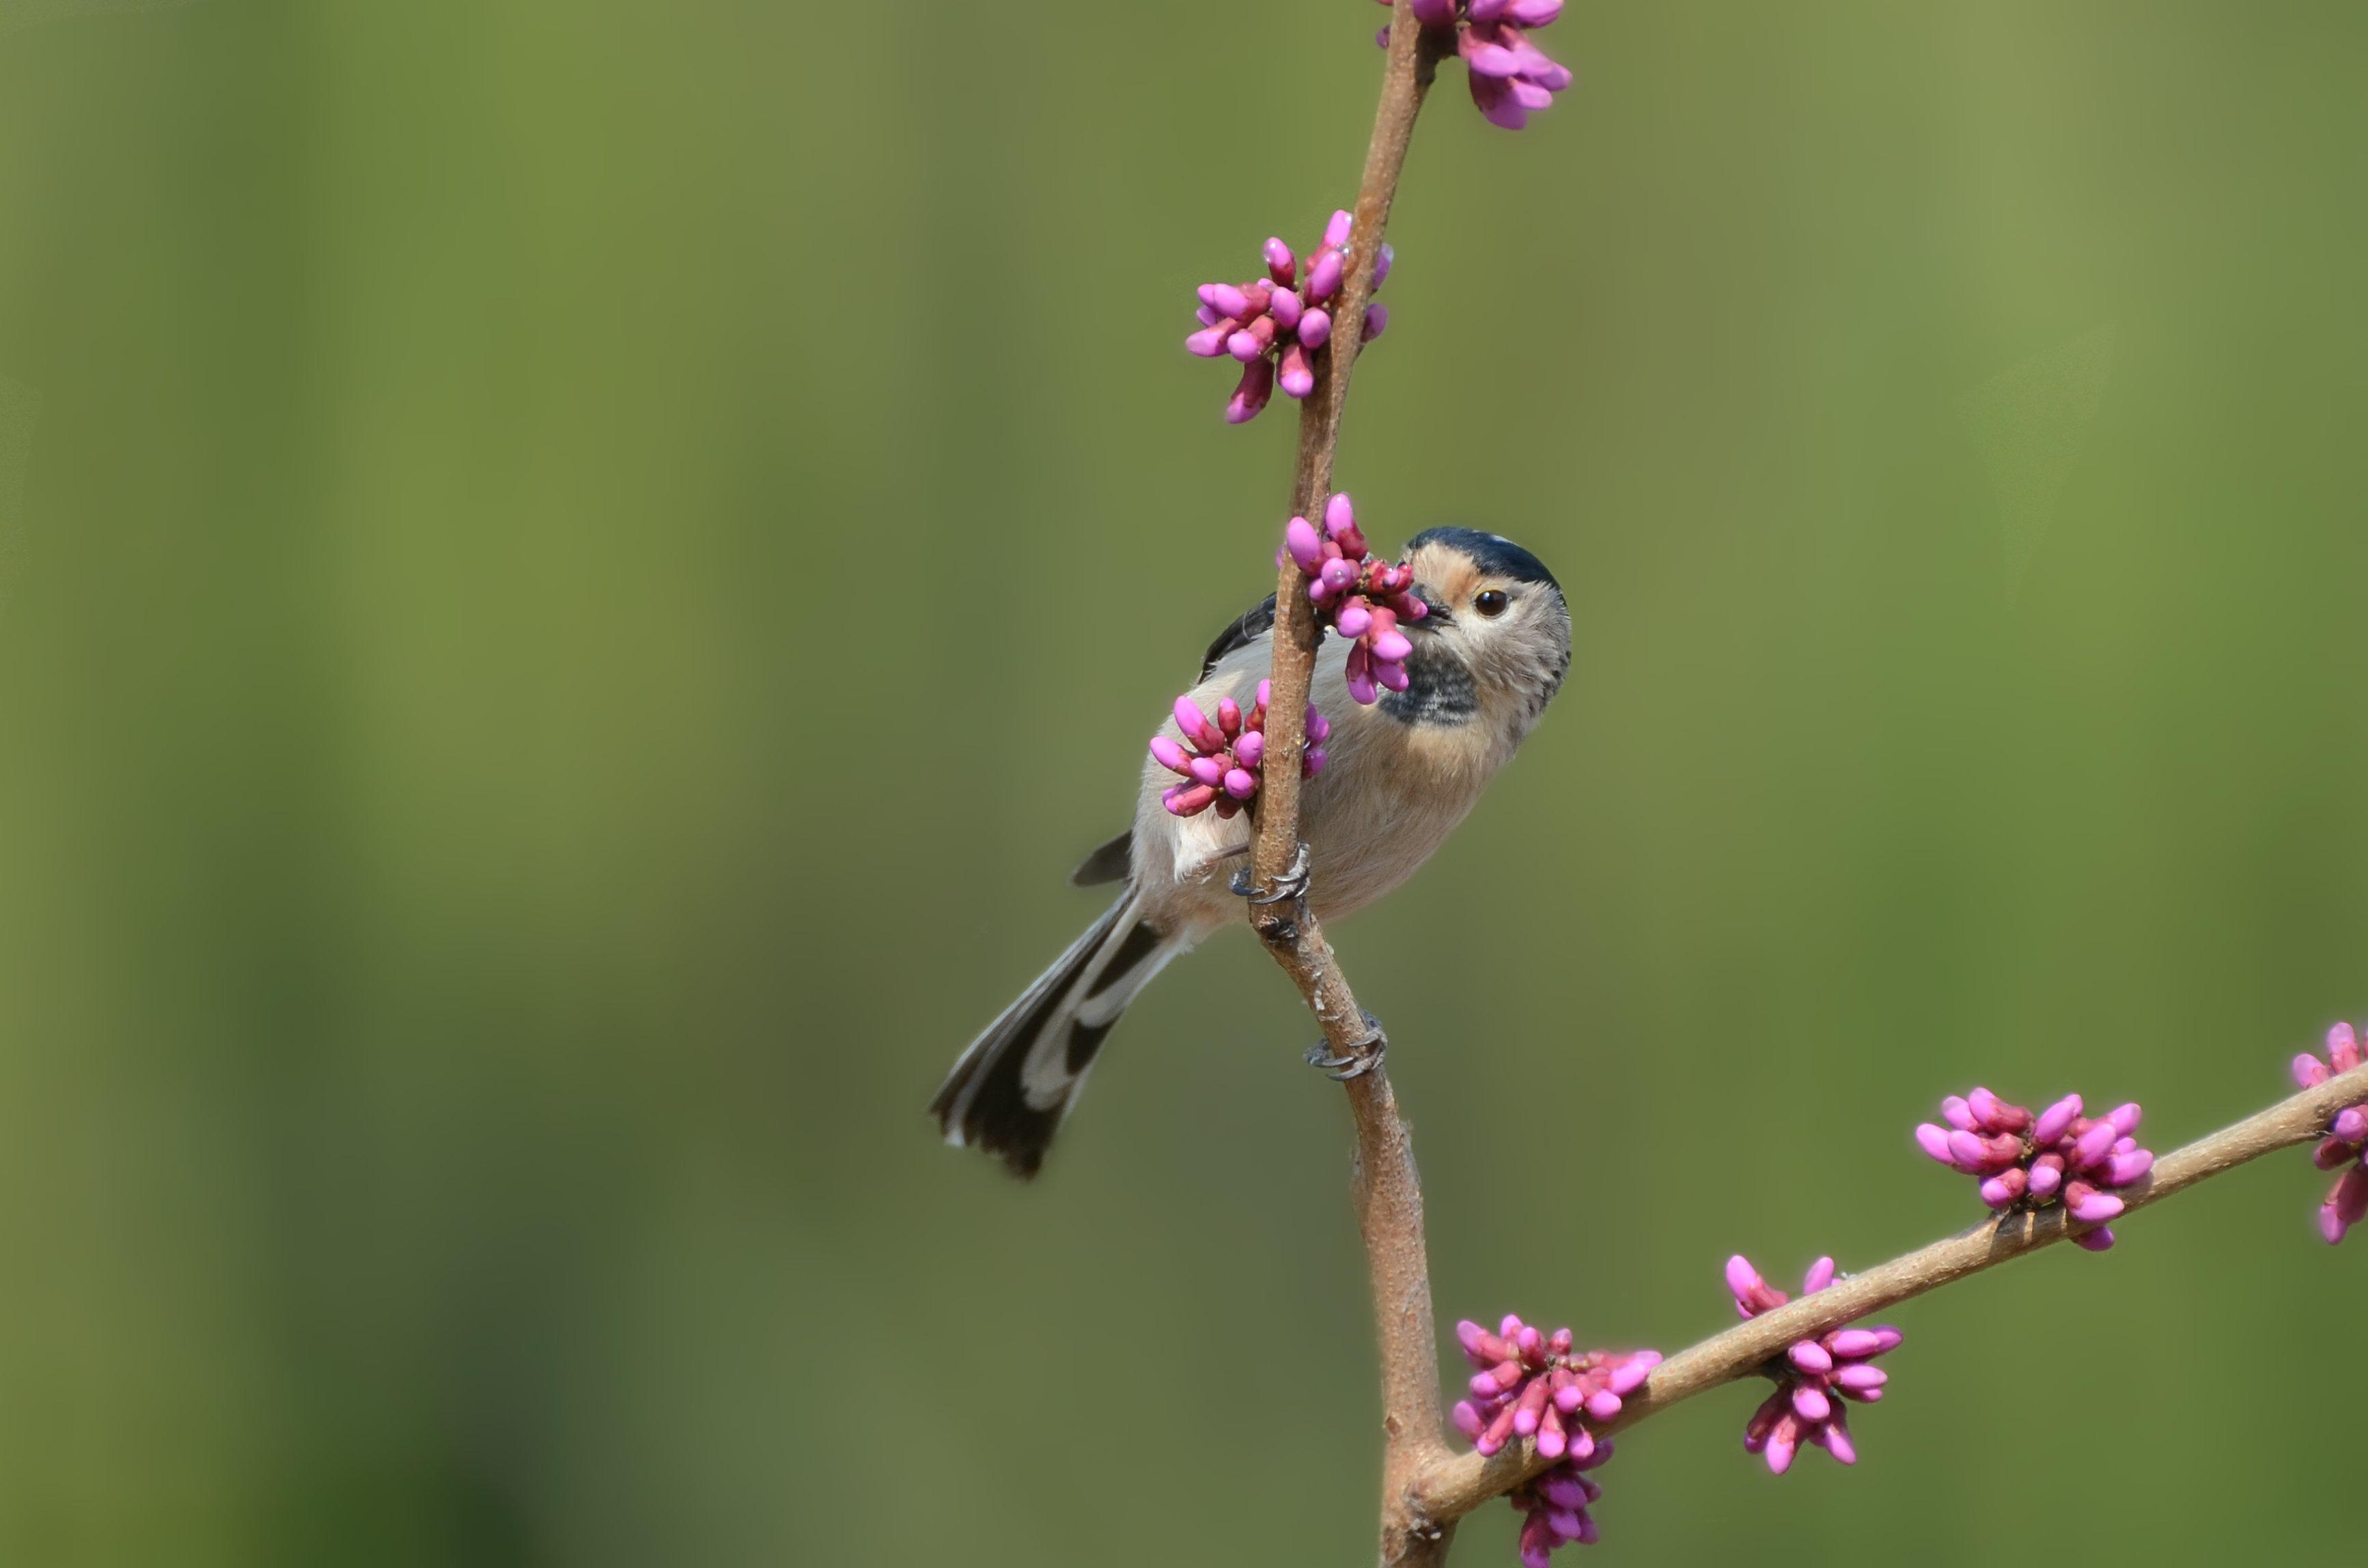 银喉长尾山雀 紫荆花